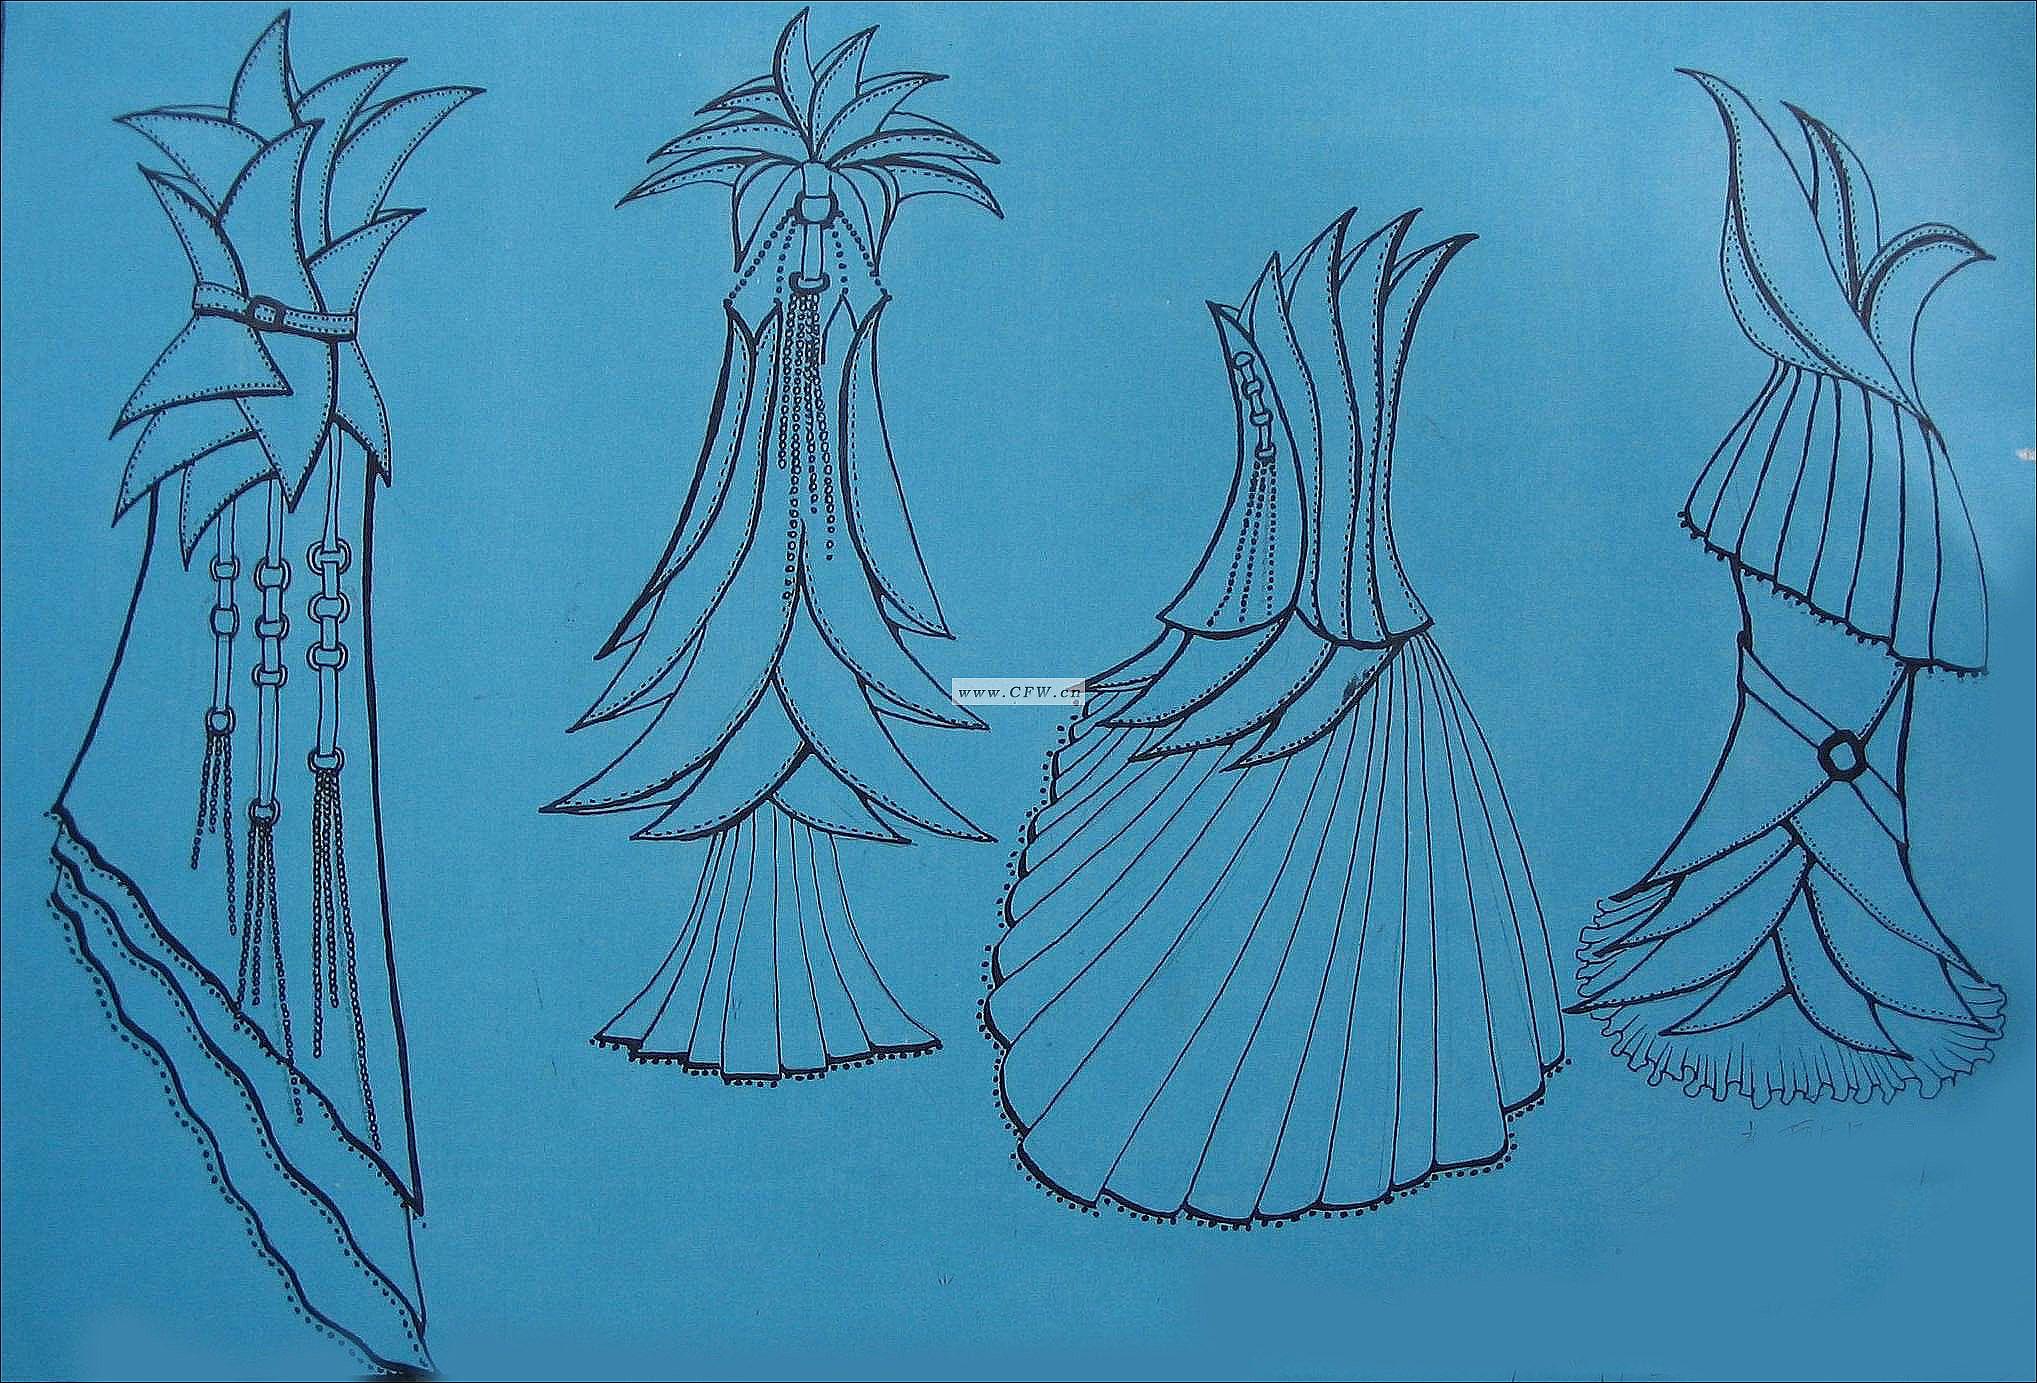 仿生花卉-图案设计设计-服装设计